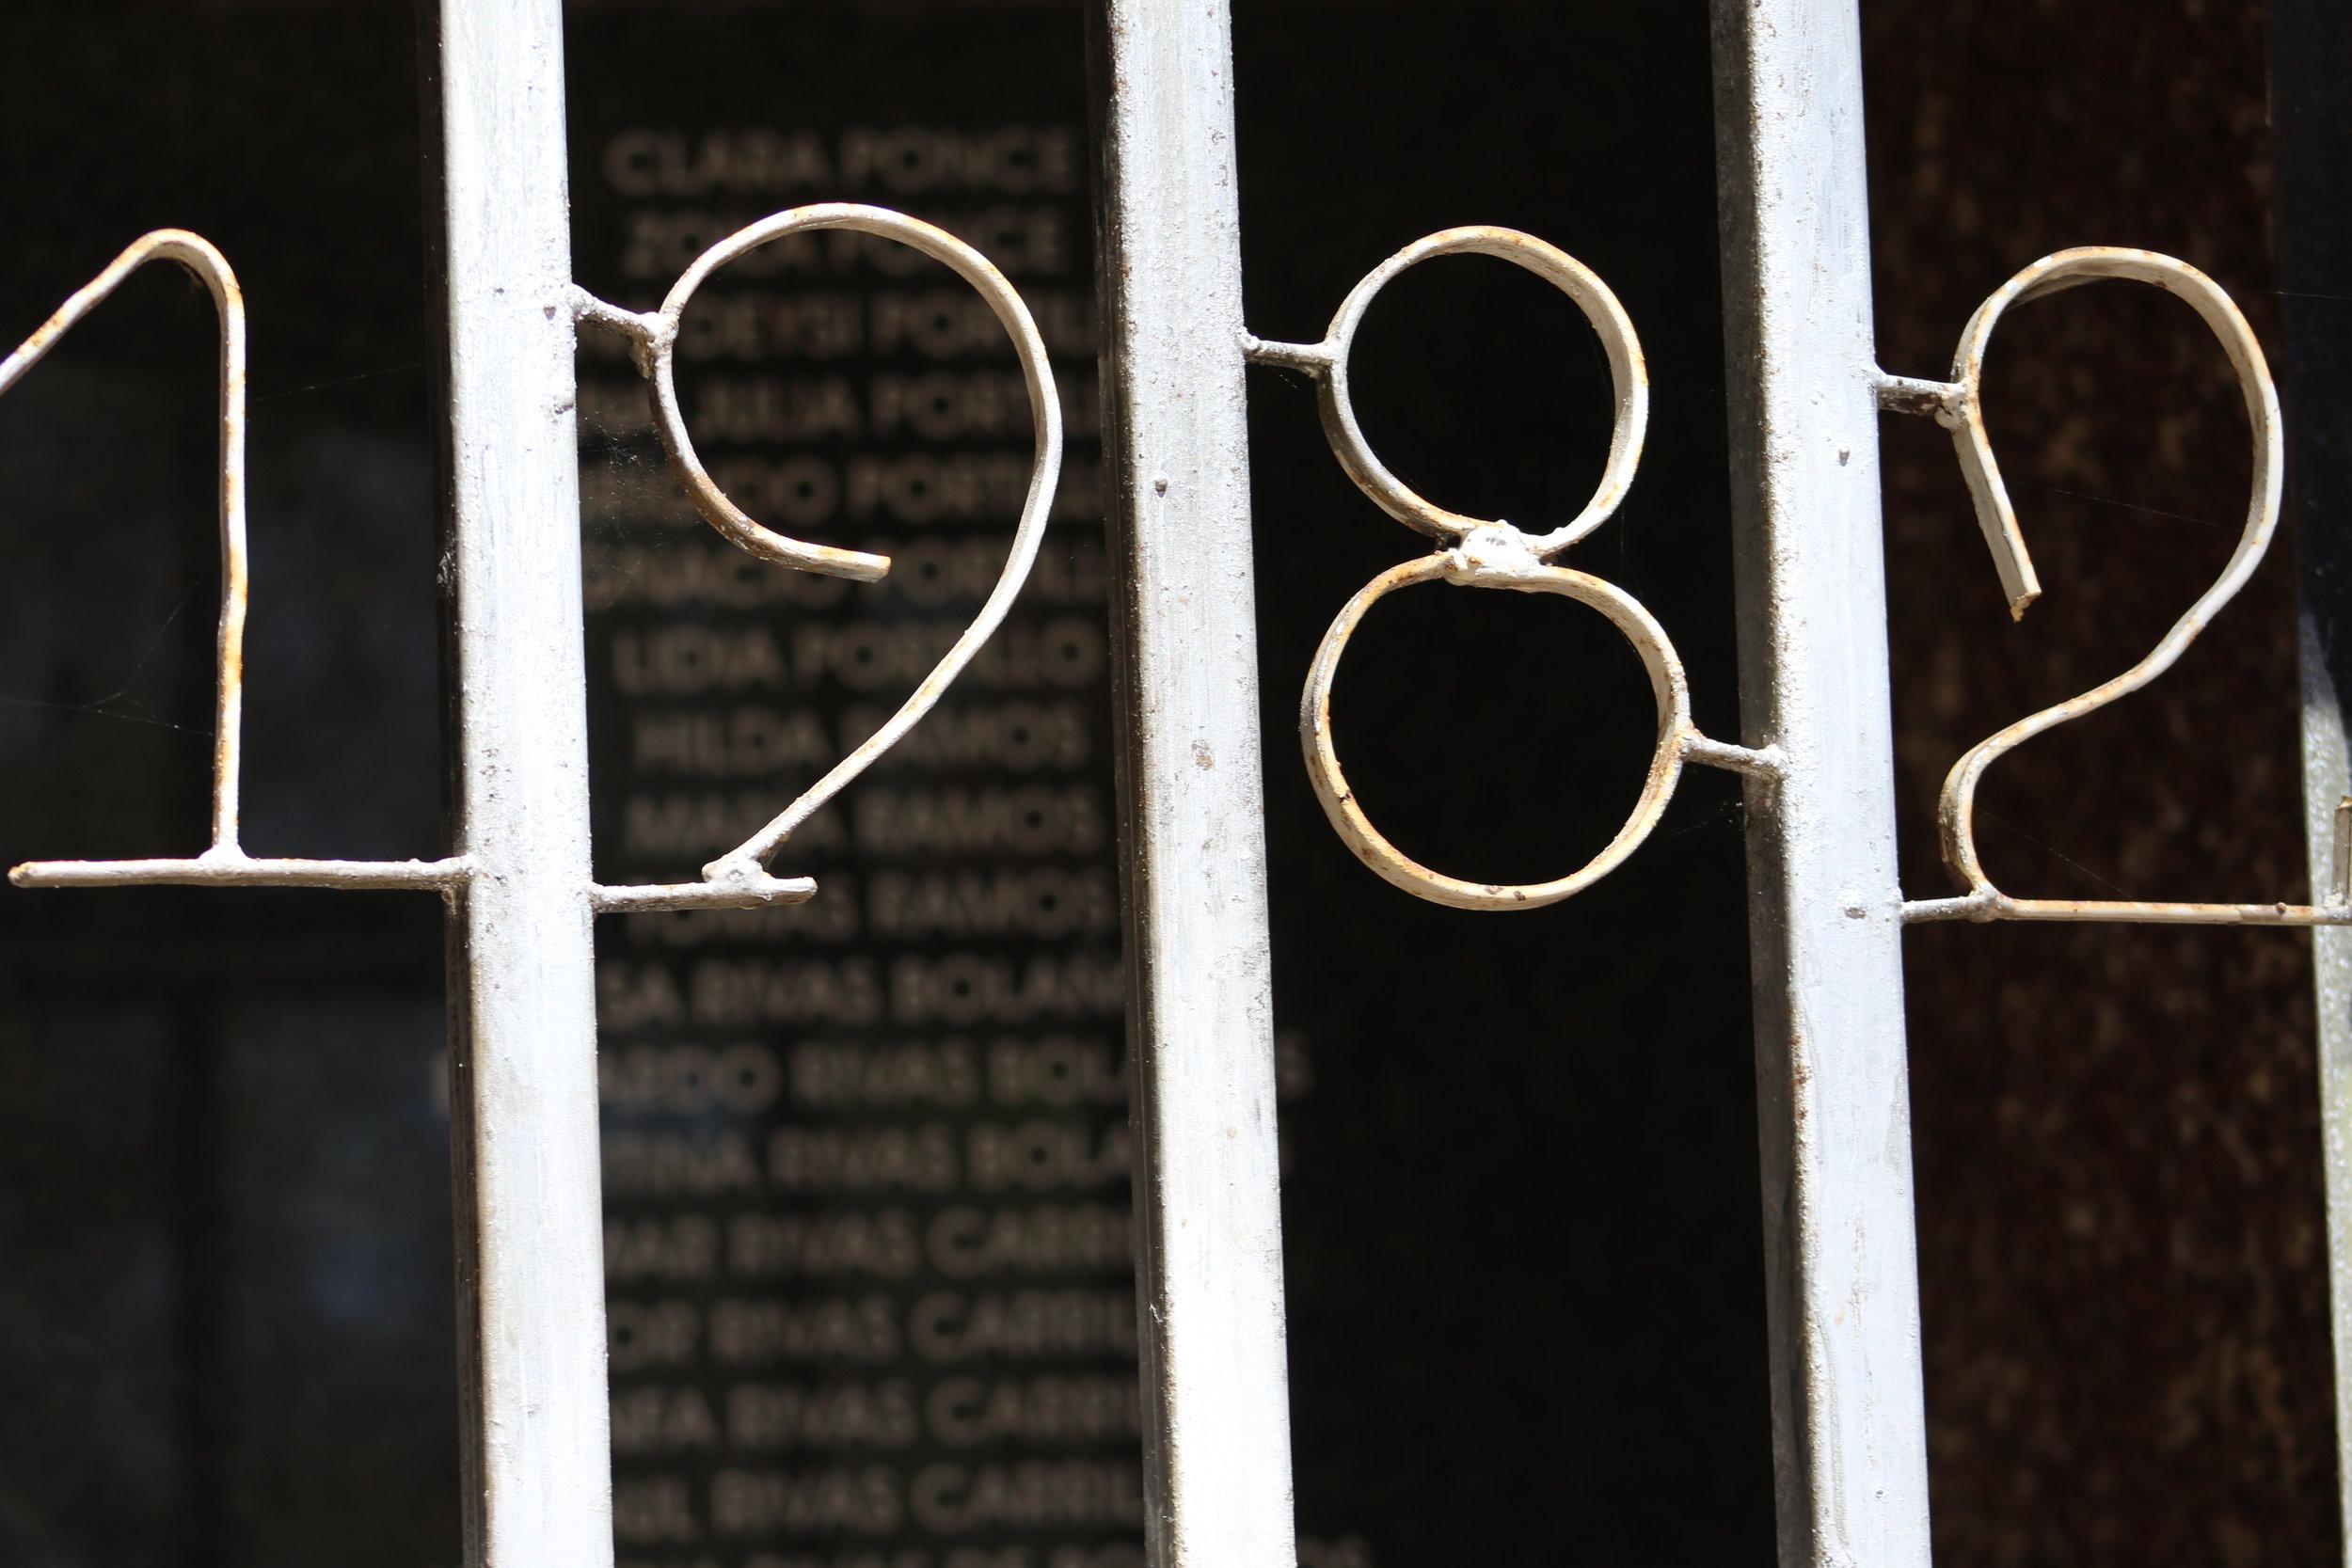 Metal doors enclose the plaques listing victims' names at the El Calabozo memorial / Photo Cristosal